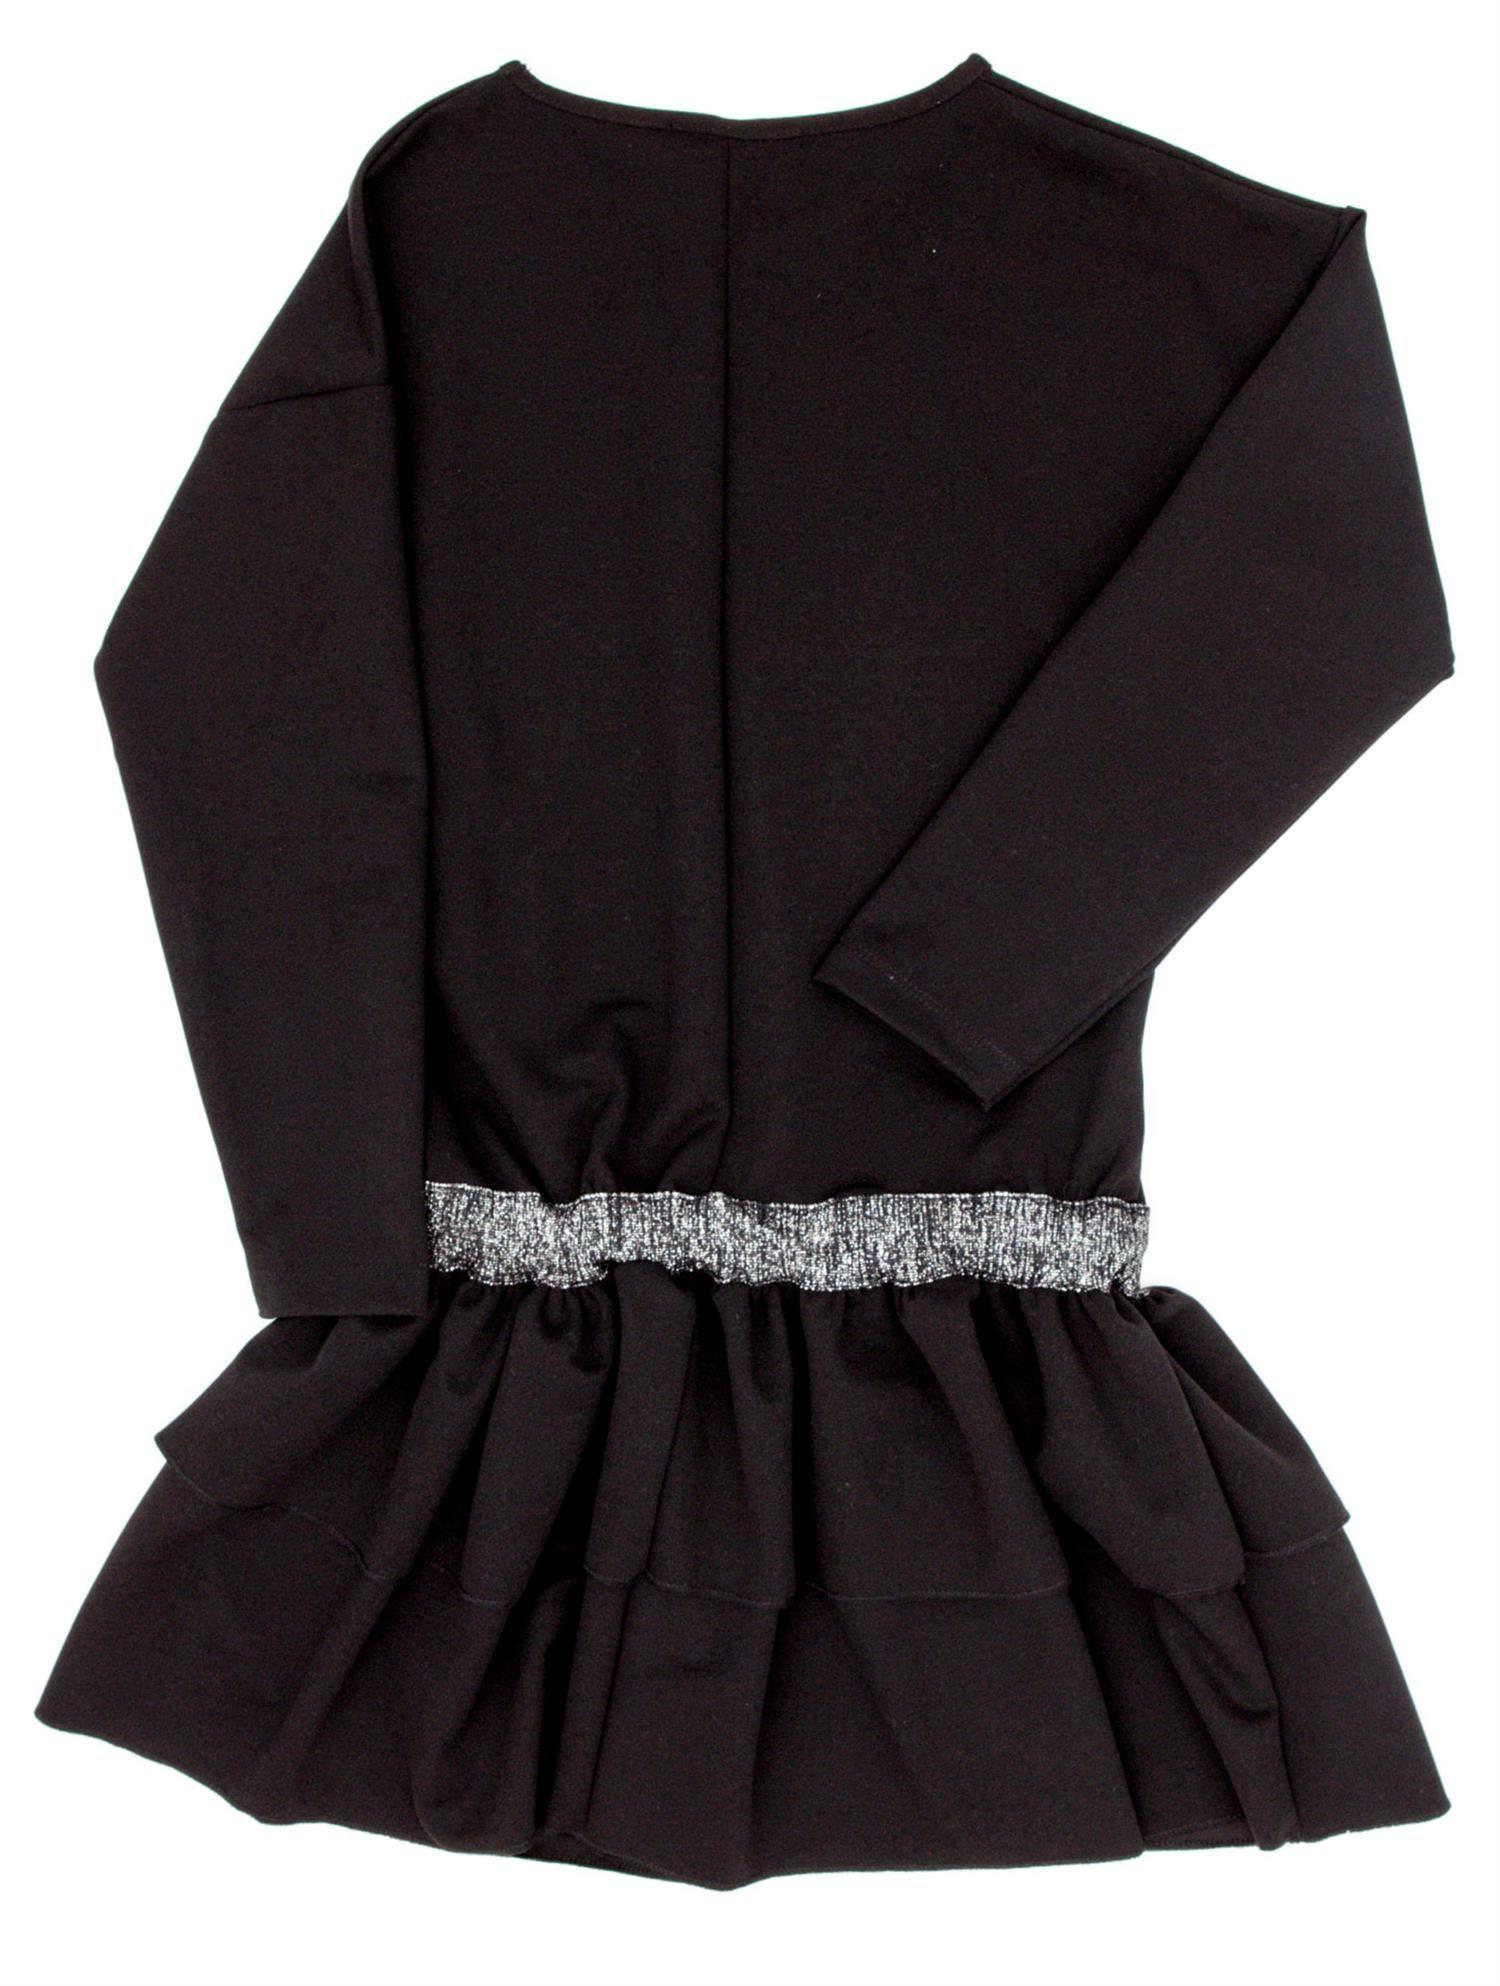 ff2f05ab54 Czarna sukienka dla dziewczynki z falbanami - Dziecko Dziewczynka - sklep  eButik.pl